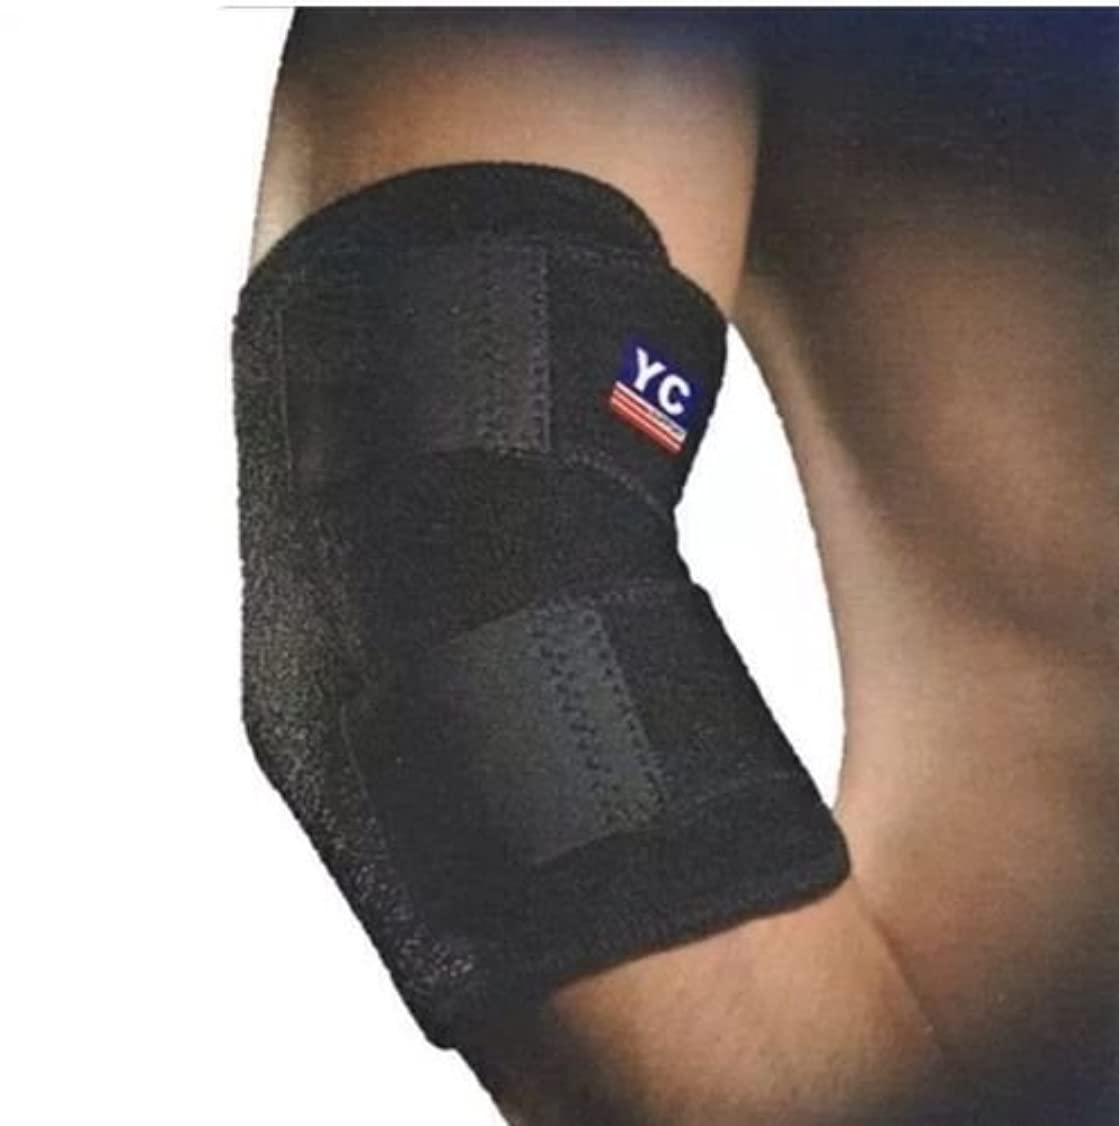 検査官省ネブネオプレン 調節可 肘サポート テニス 関節炎 巻き付け固定具 ジム スポーツ